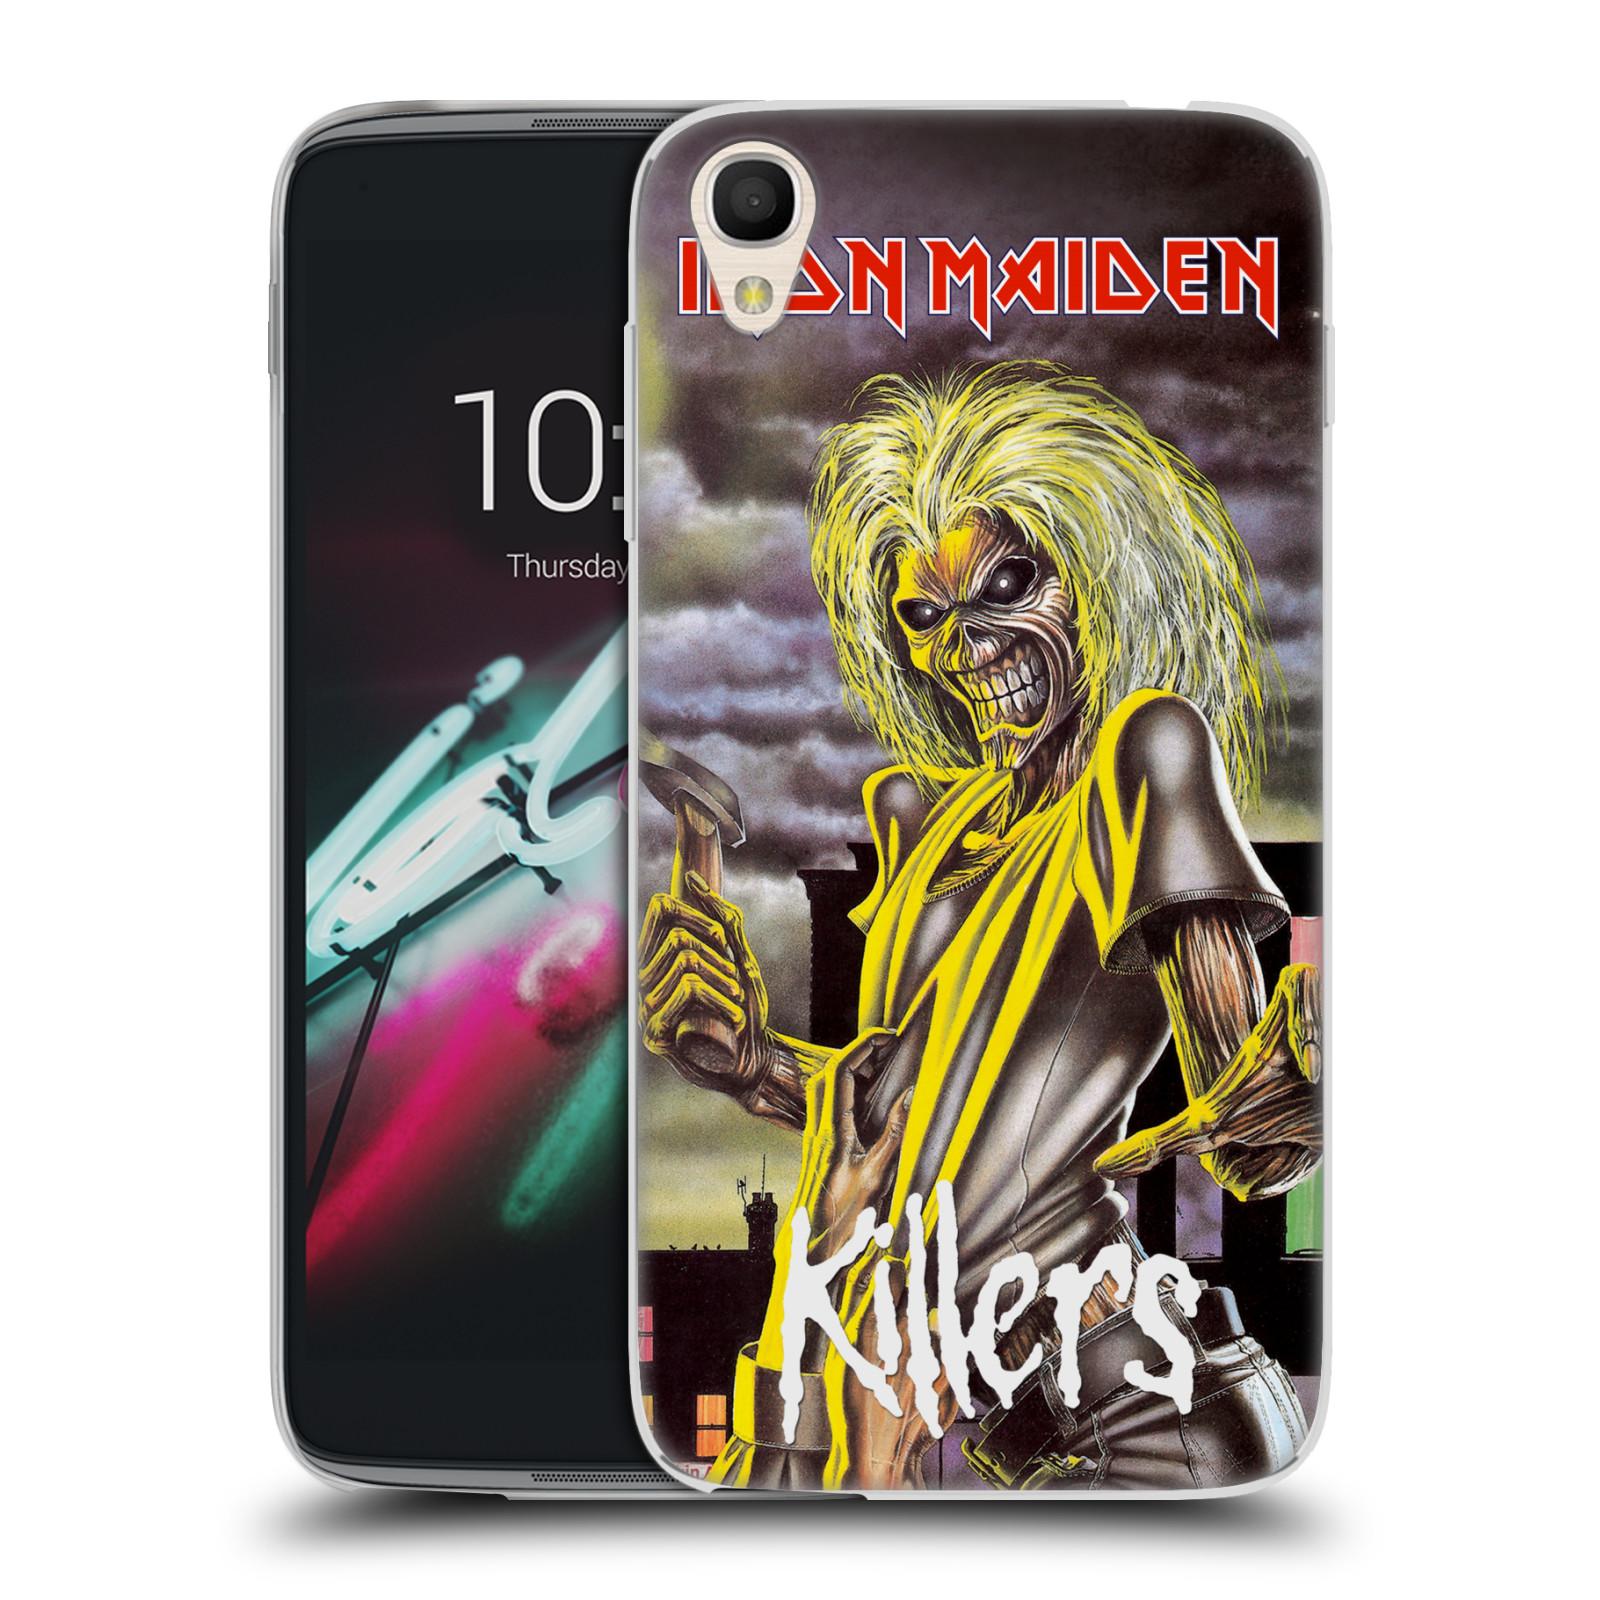 """Silikonové pouzdro na mobil Alcatel One Touch 6039Y Idol 3 HEAD CASE - Iron Maiden - Killers (Silikonový kryt či obal na mobilní telefon s licencovaným motivem Iron Maiden Alcatel One Touch Idol 3 OT-6039Y s 4,7"""" displejem)"""